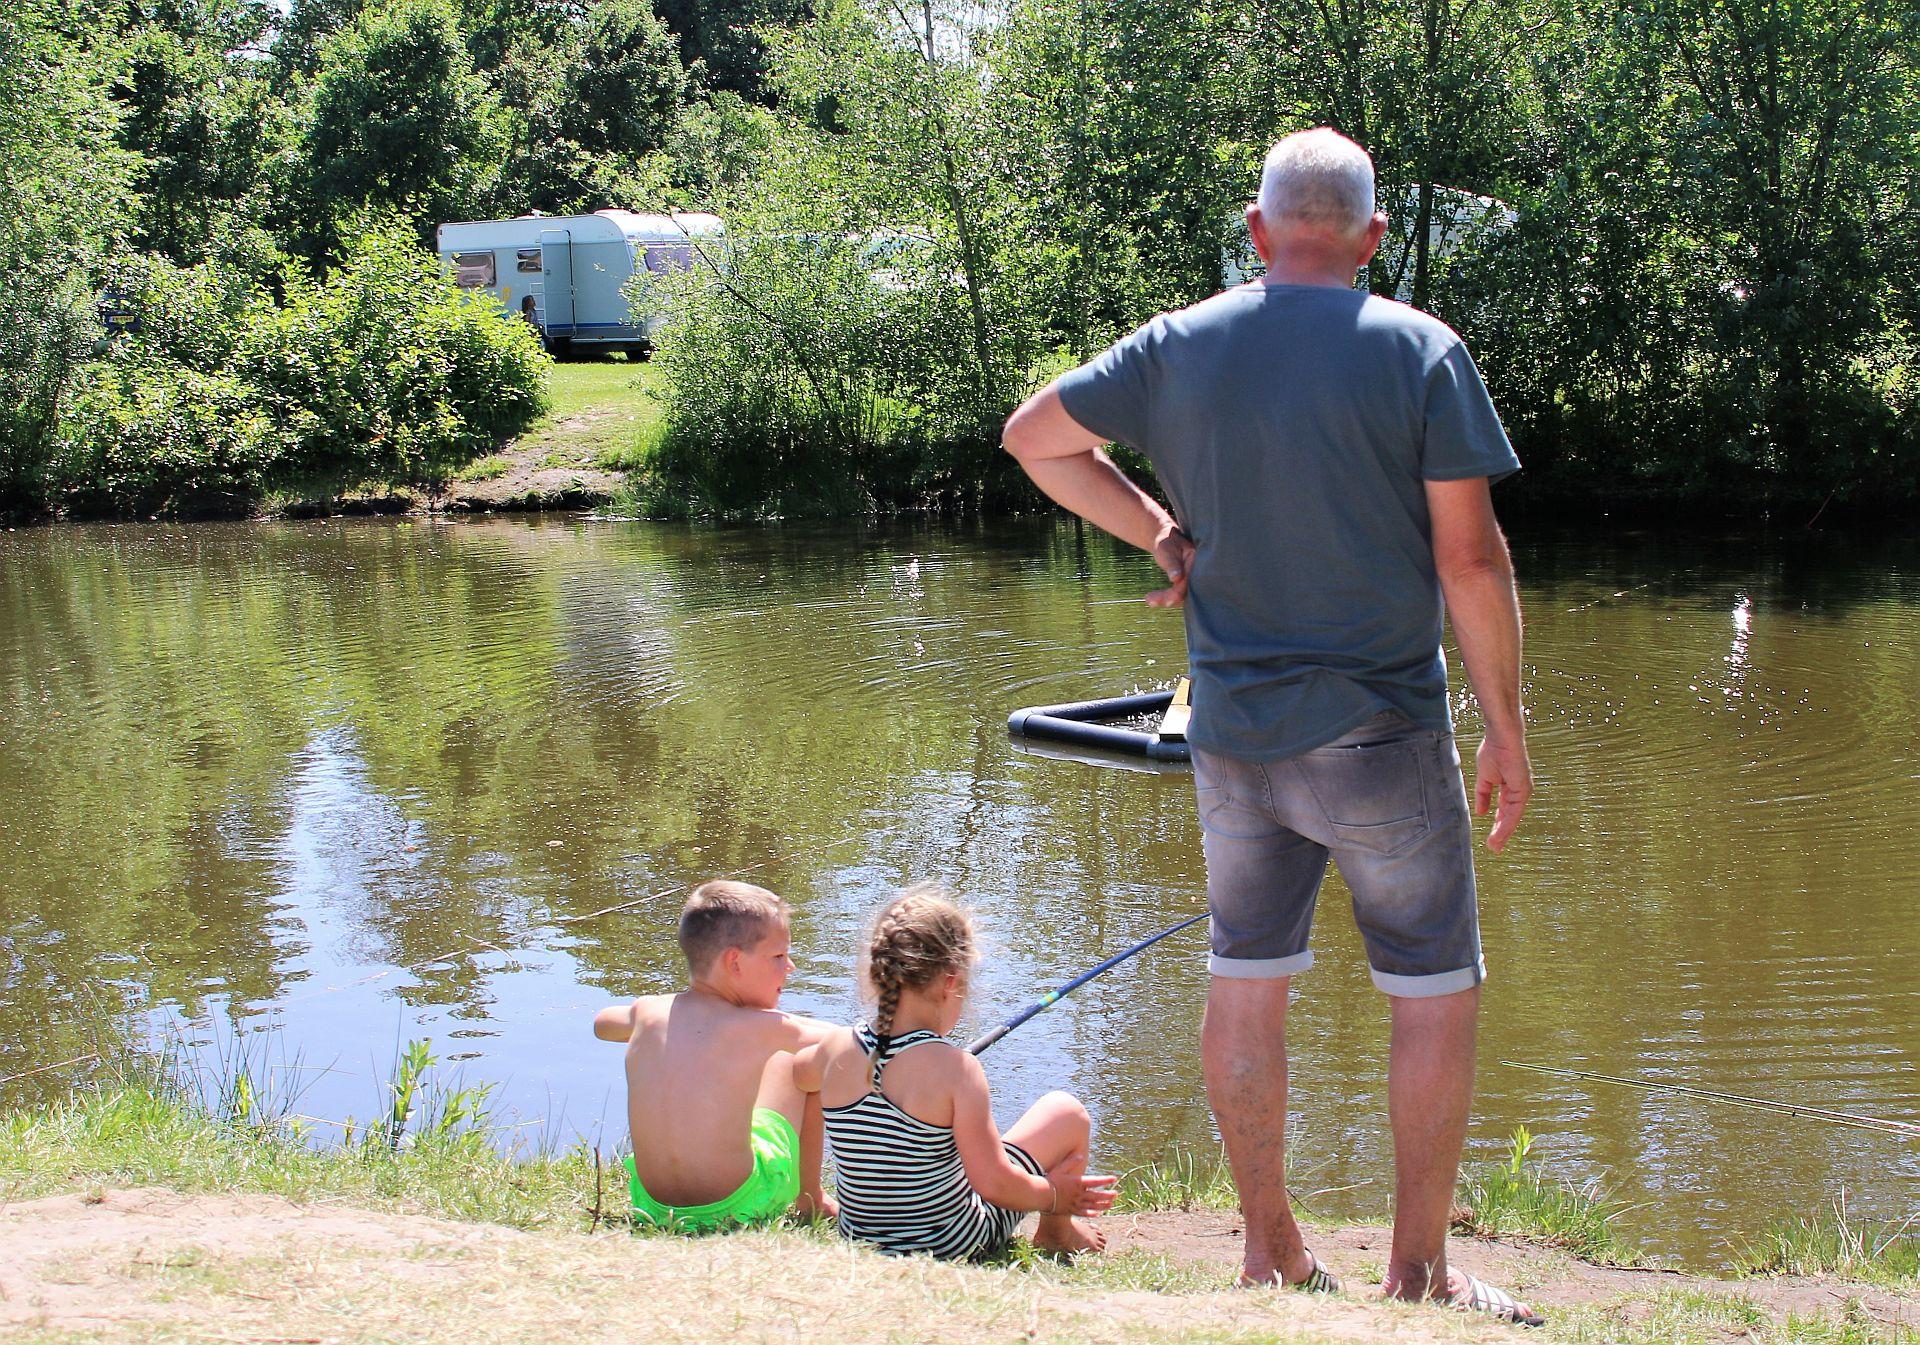 Vechtdal camping in Overijssel - Ruime Vechtdal camping Overijssel